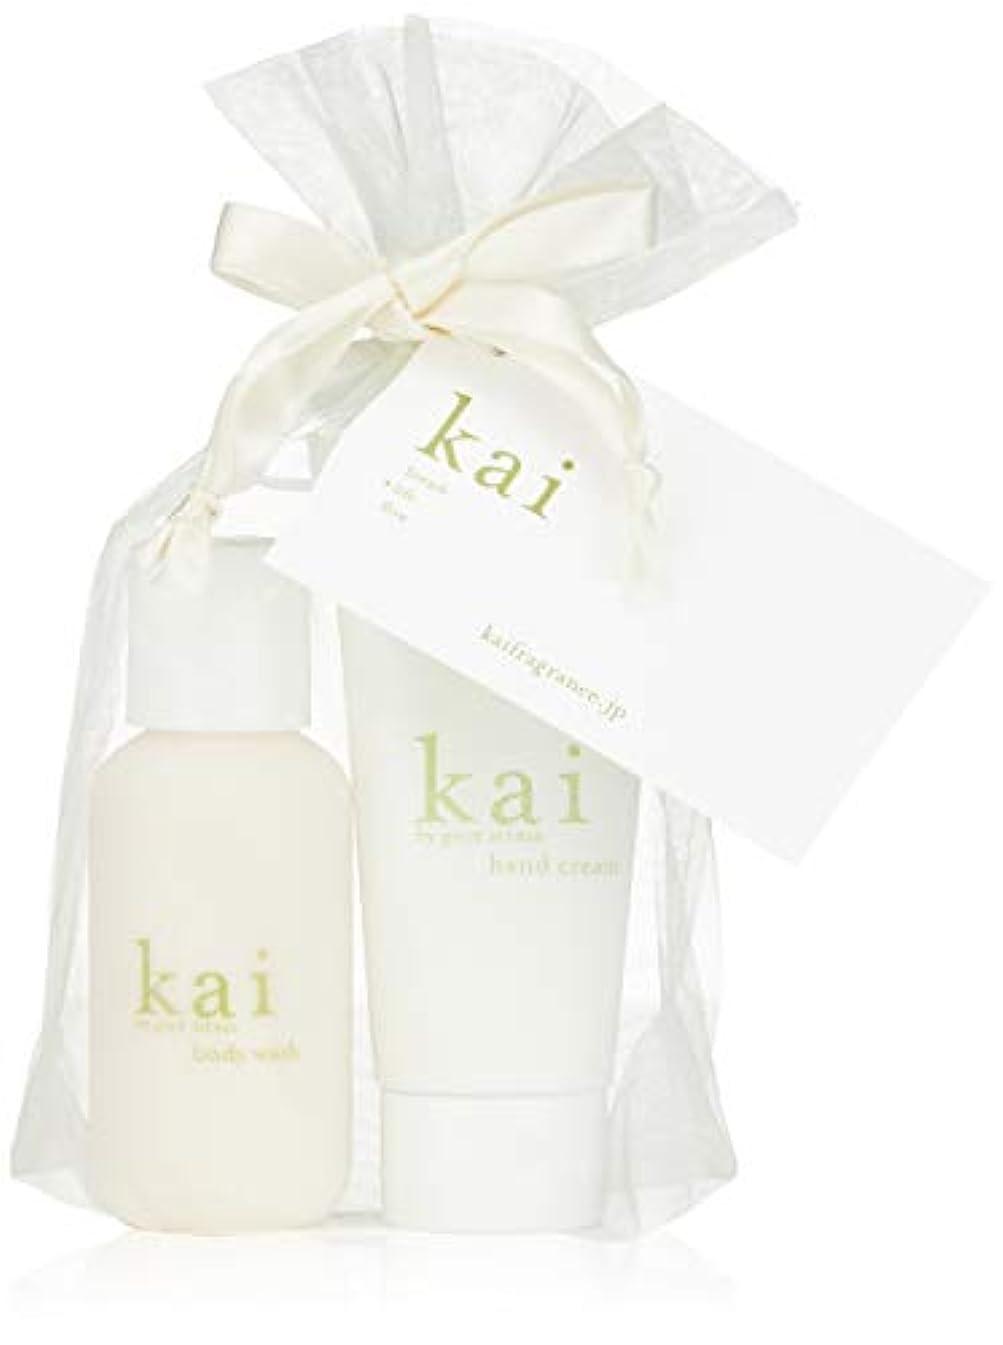 それによって蒸留する記述するkai fragrance(カイ フレグランス) ハンドクリーム&ミニボディウォッシュ 59×2ml